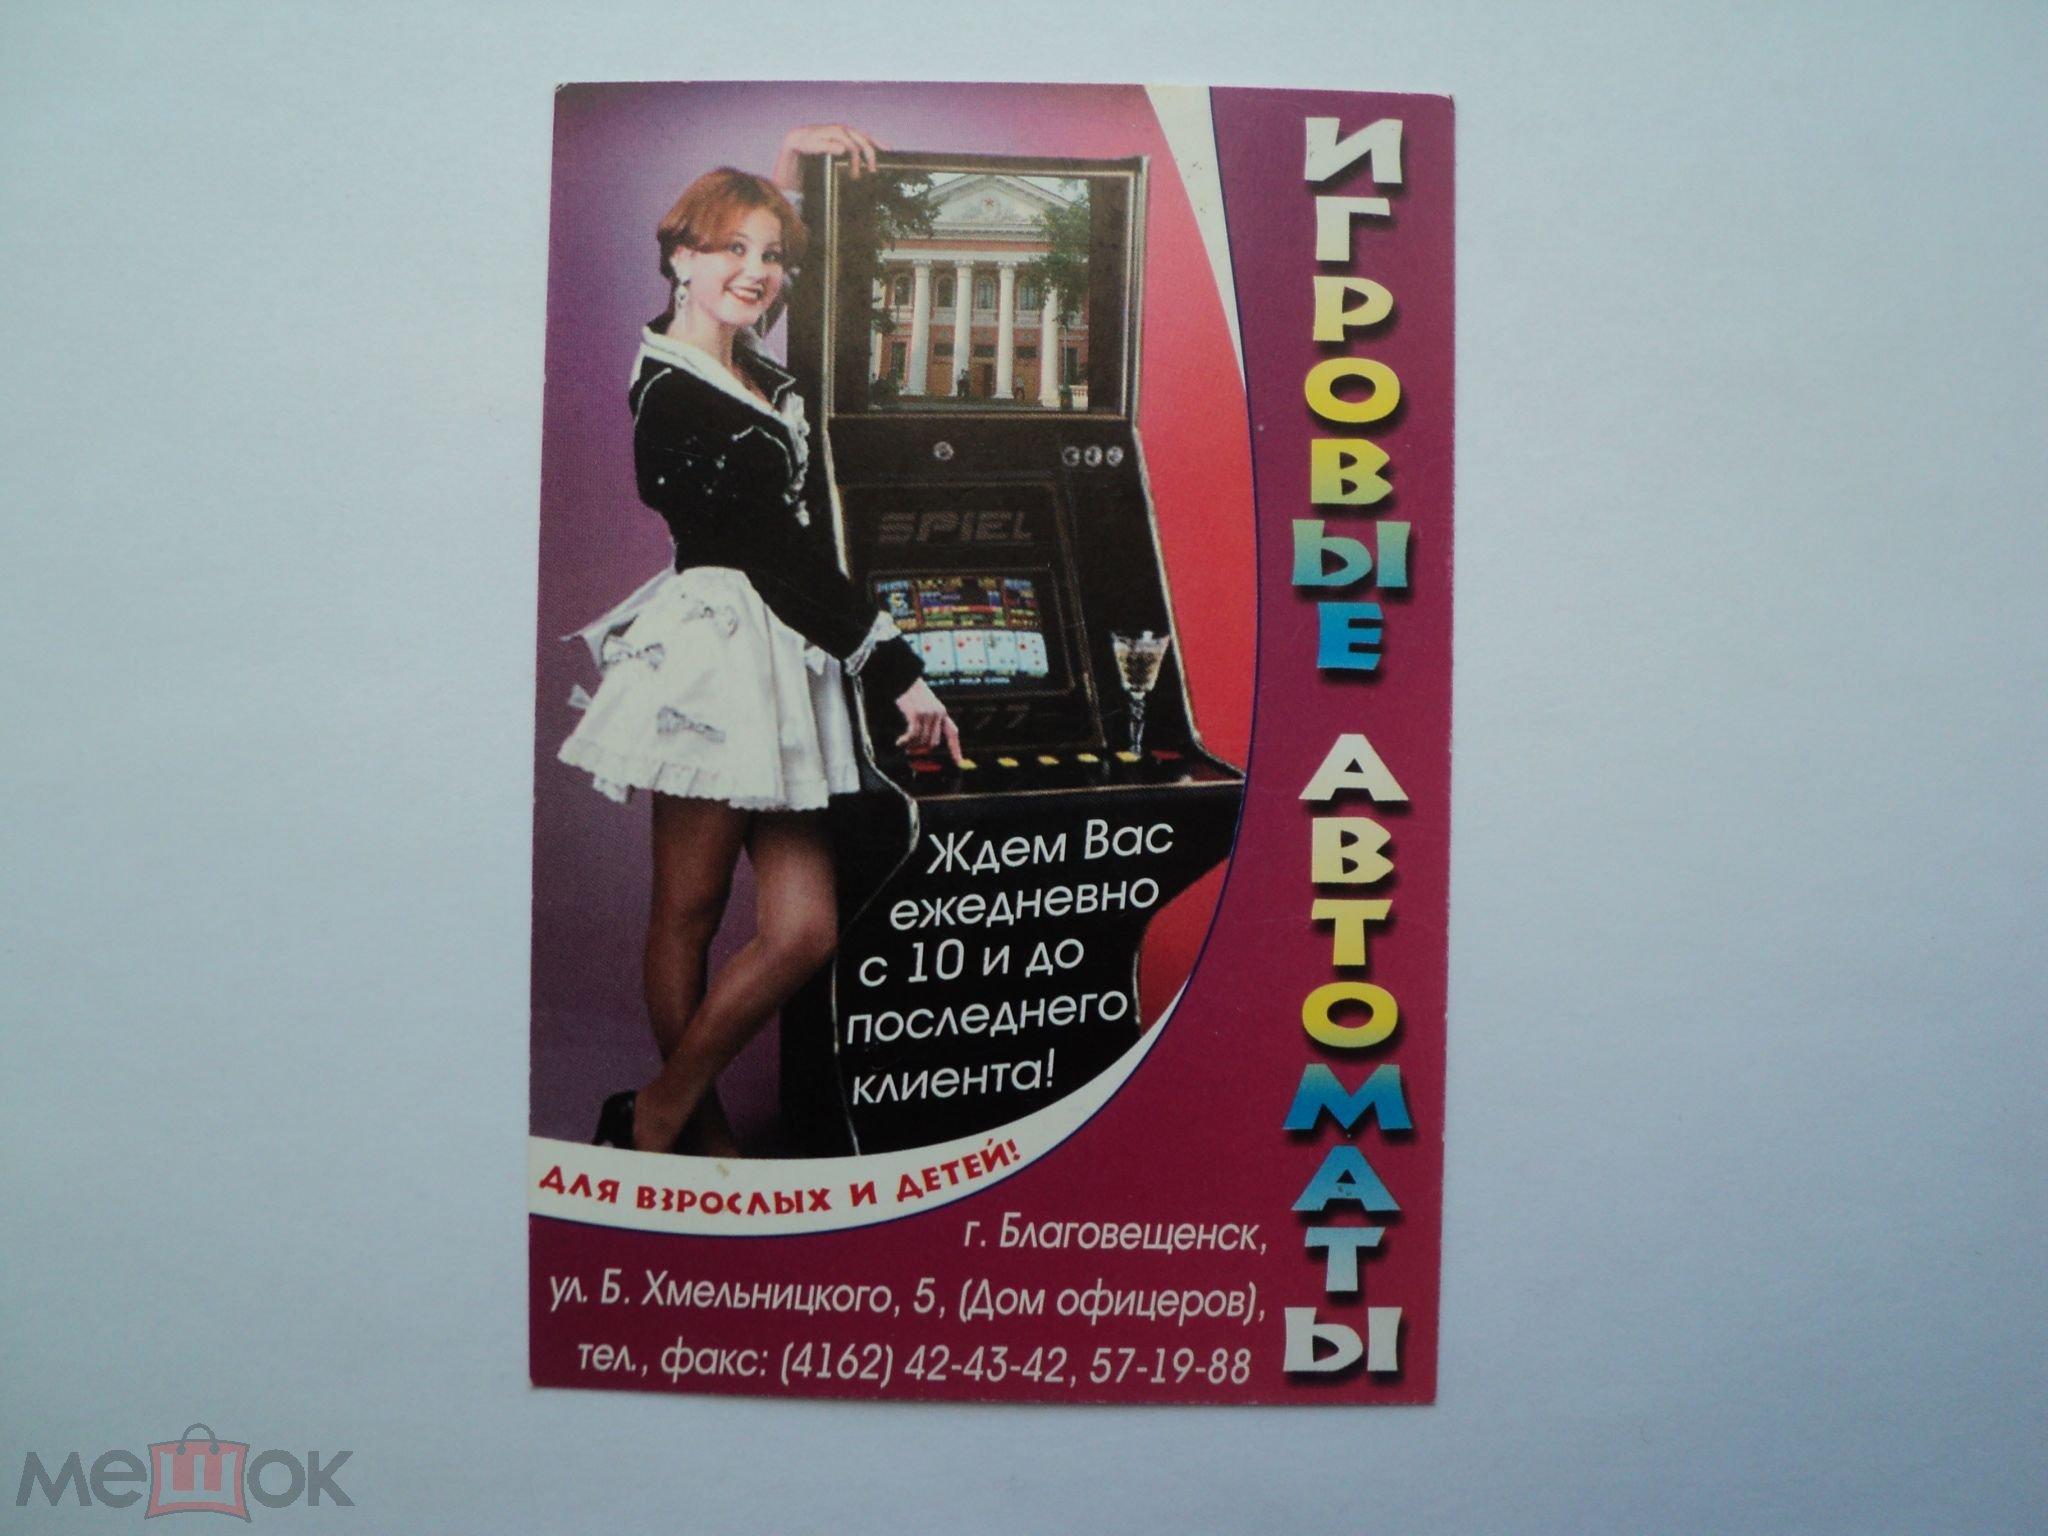 Фотографии игровые автоматы амурская область казино в казахстане щучинск